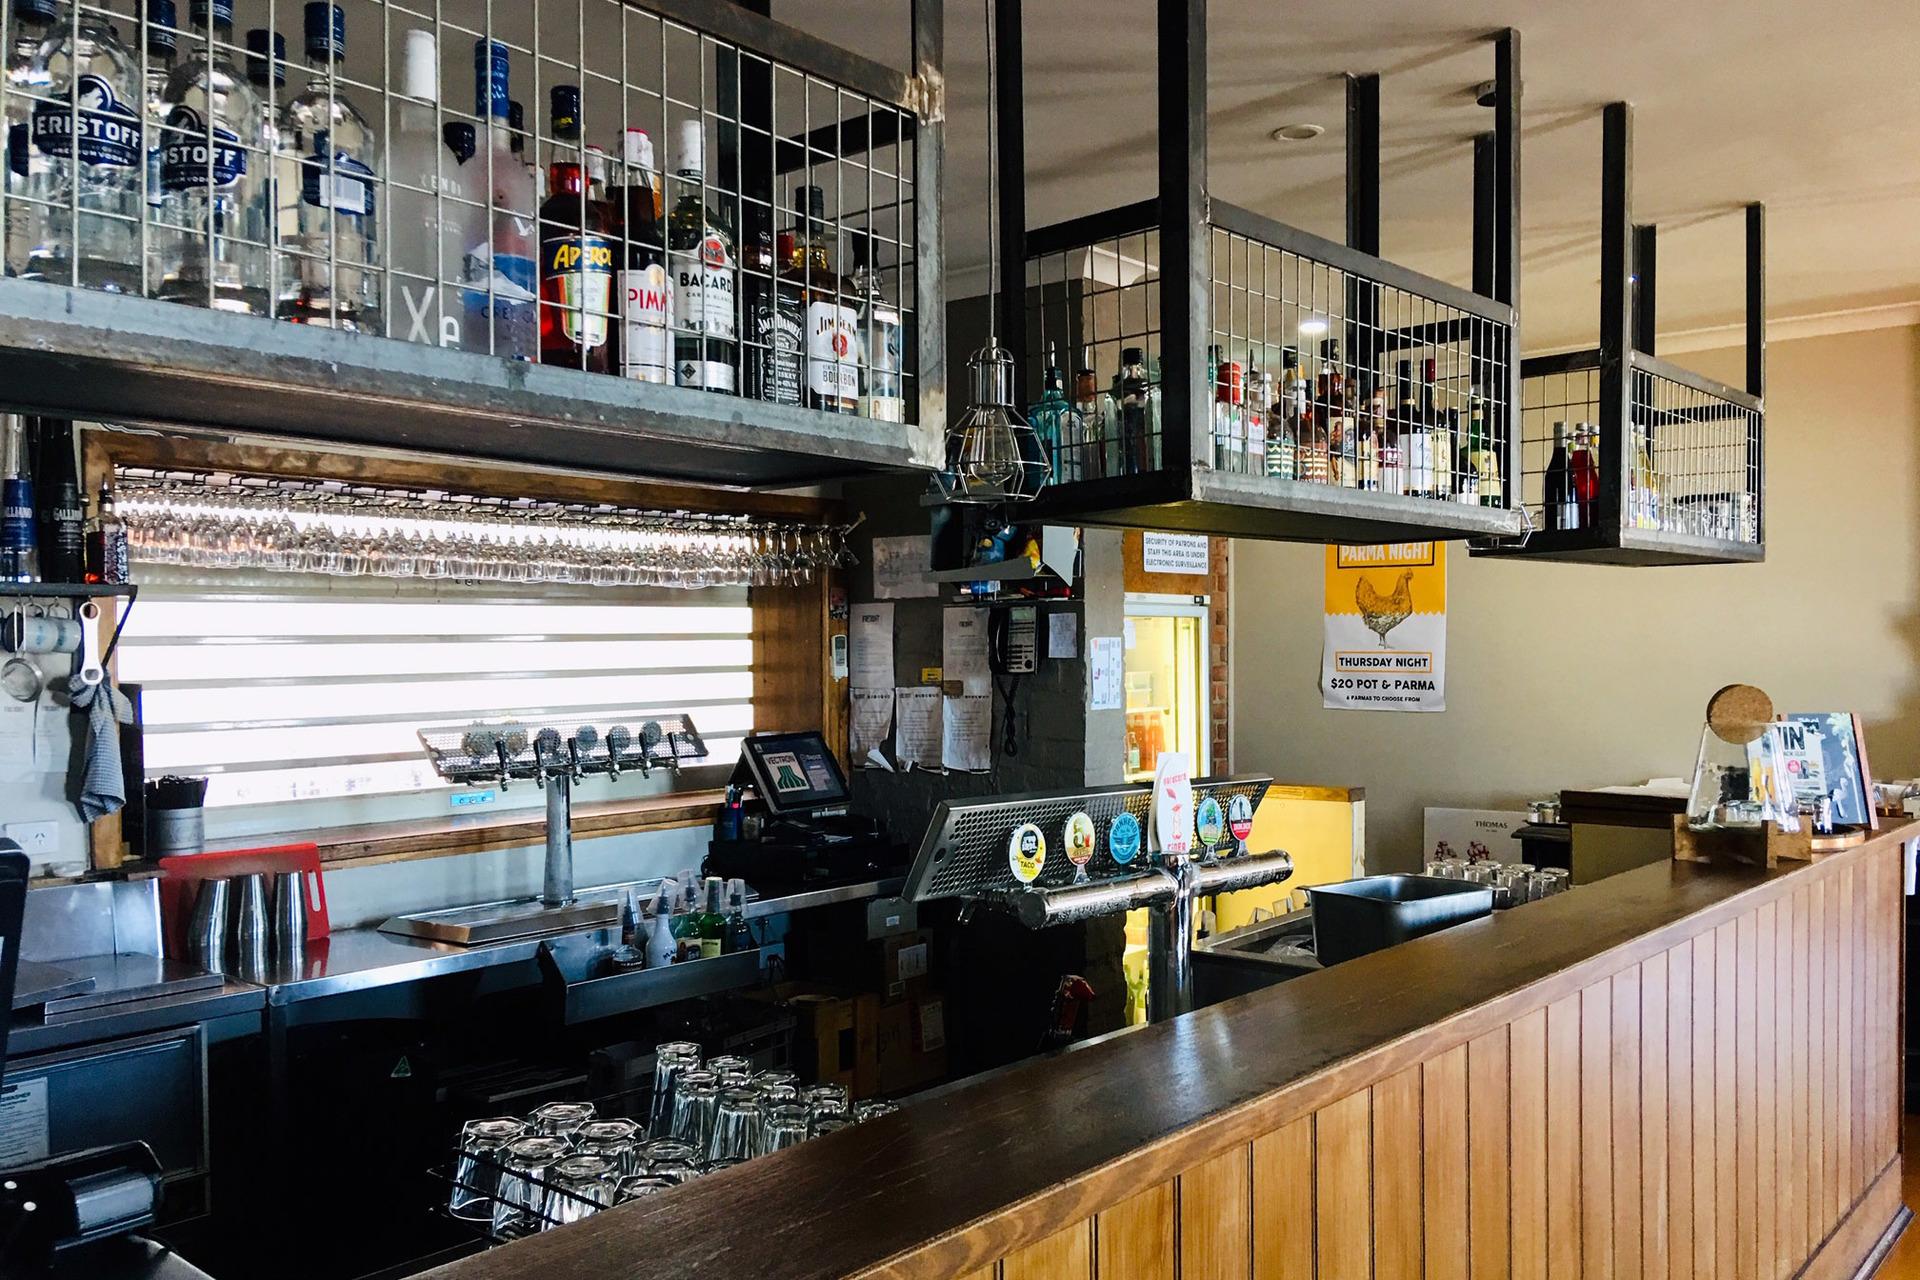 l - Freight Bar & Restaurant